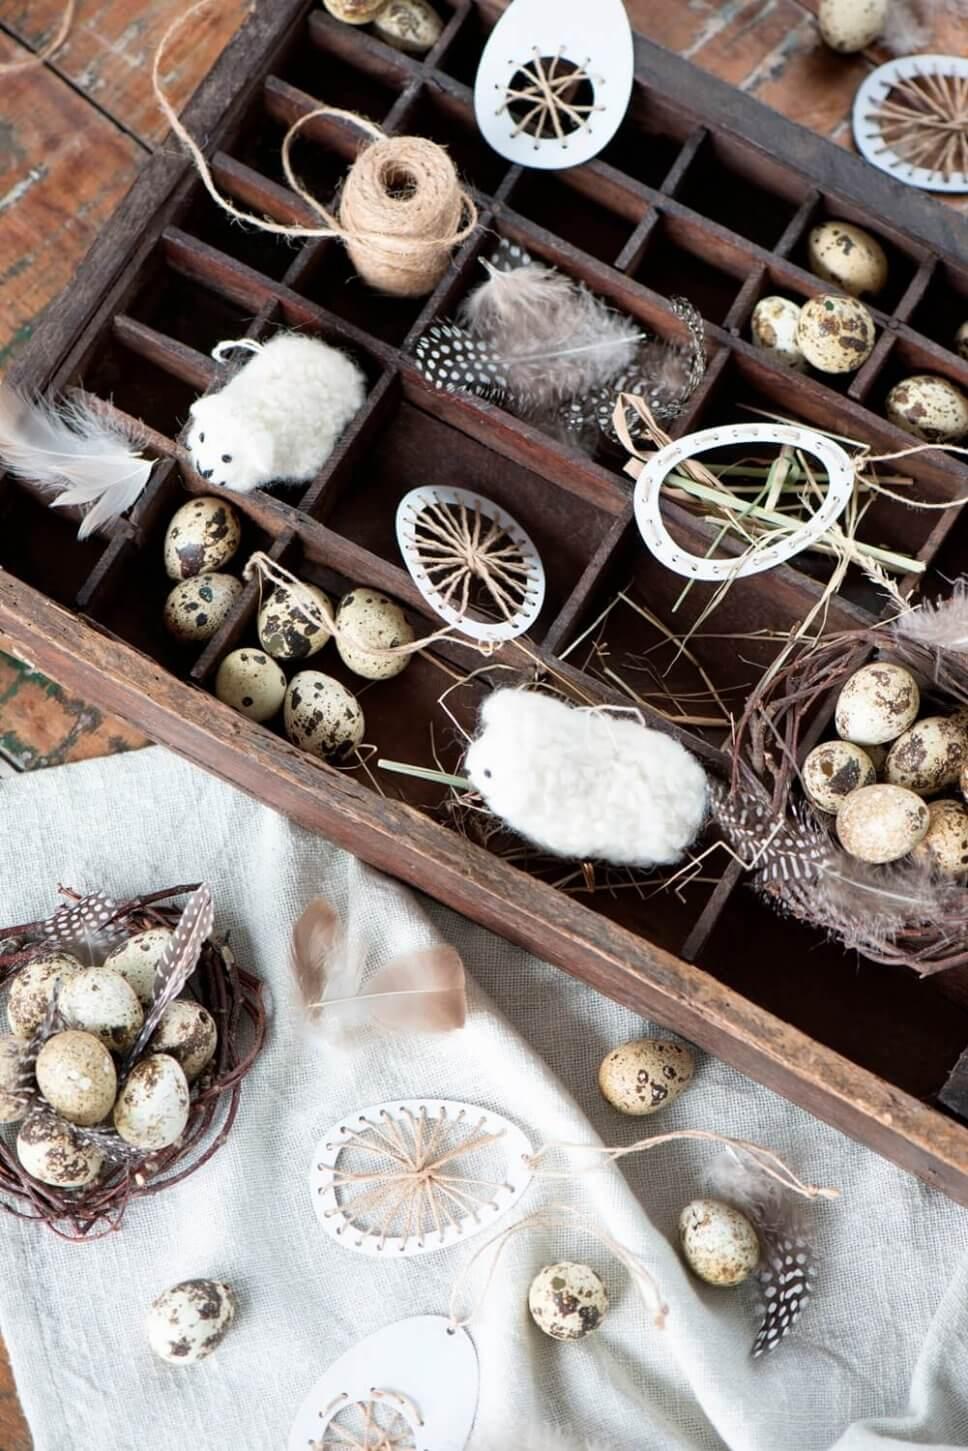 Wachteleier, Osterhänger und Wollschäfchen liegen im Setzkasten